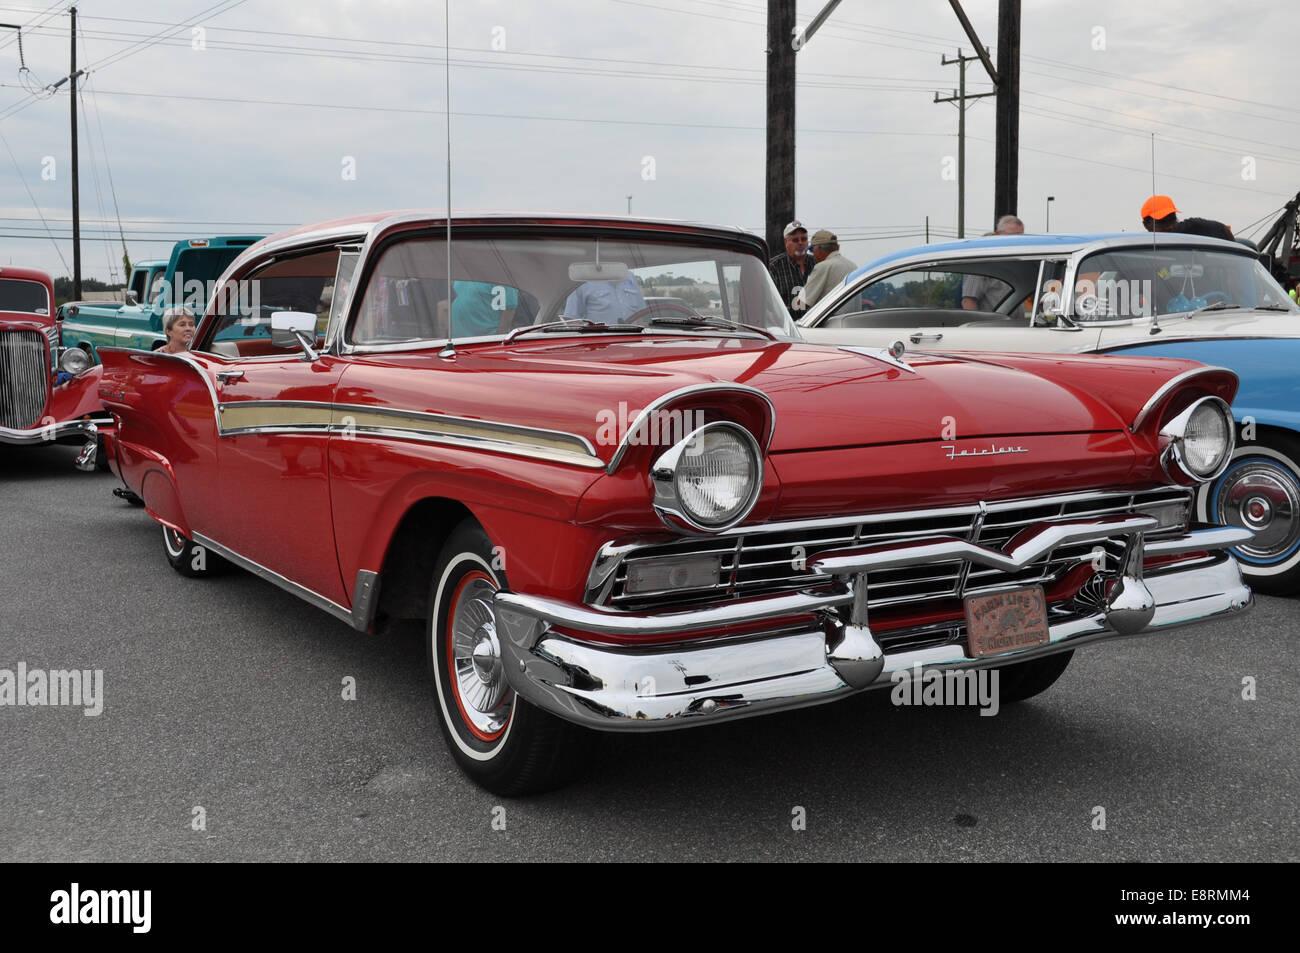 A 1957 ford fairlane 500 car